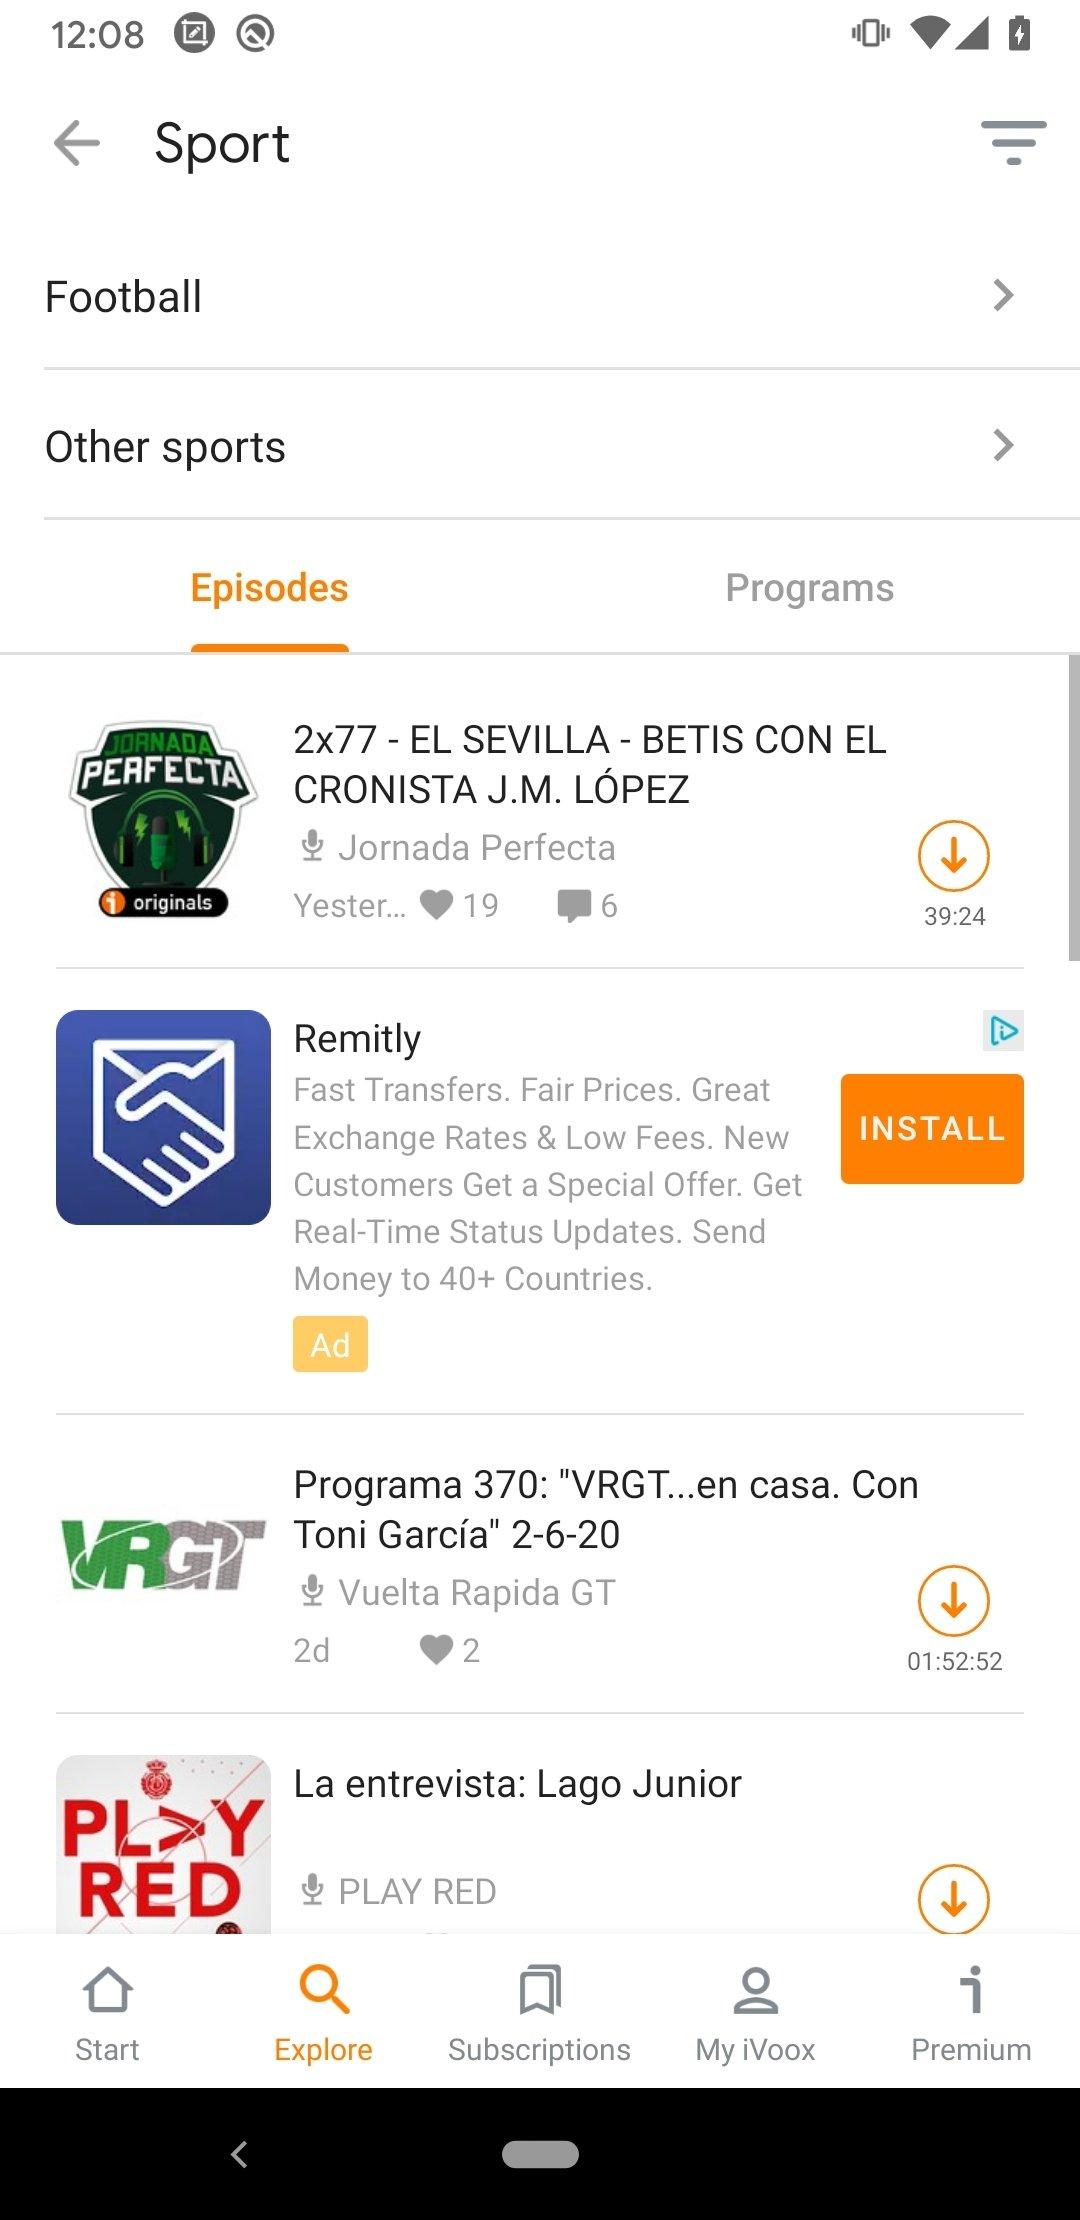 Postcast Cuarto Milenio | Baixar Radio E Podcast Ivoox 2 17 Android Gratis Em Portugues